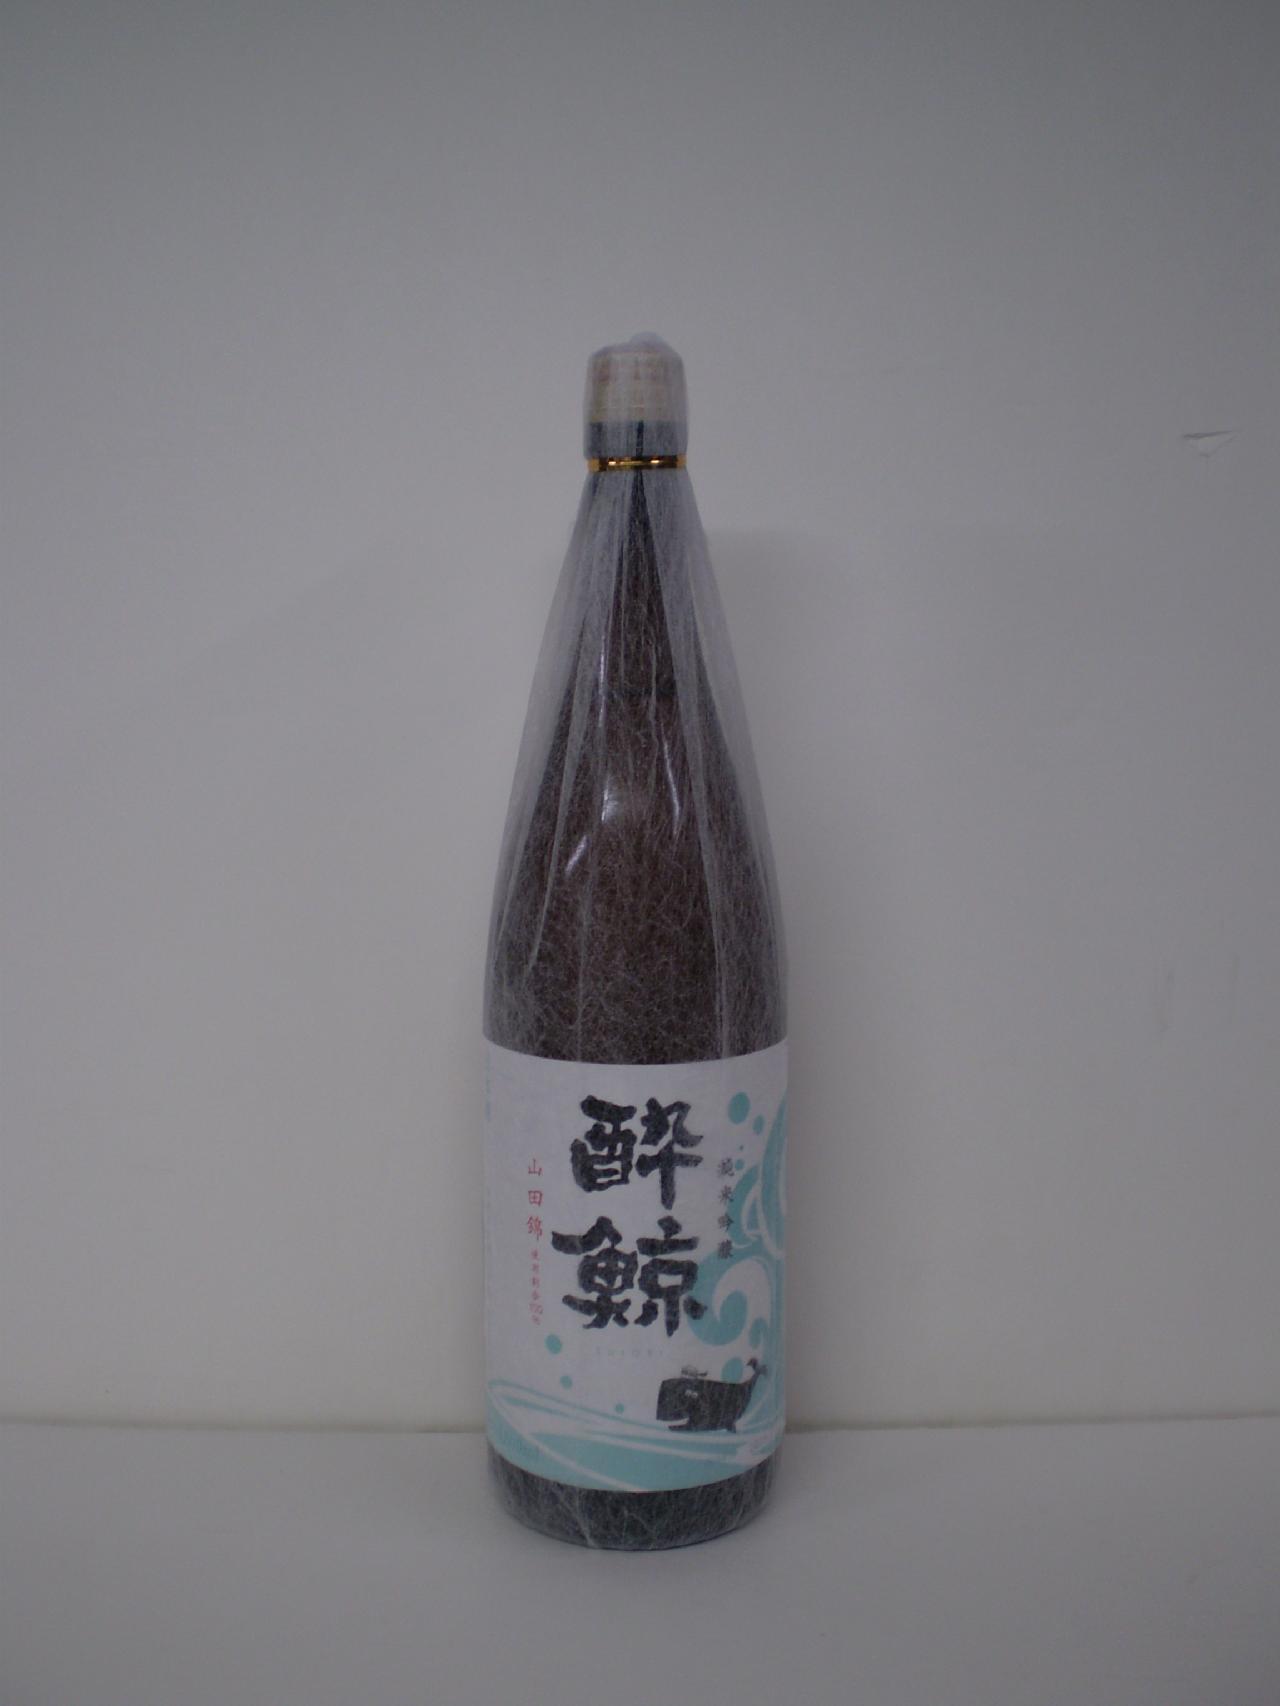 酔鯨 純米吟醸 山田錦 1800ml 酔鯨酒造